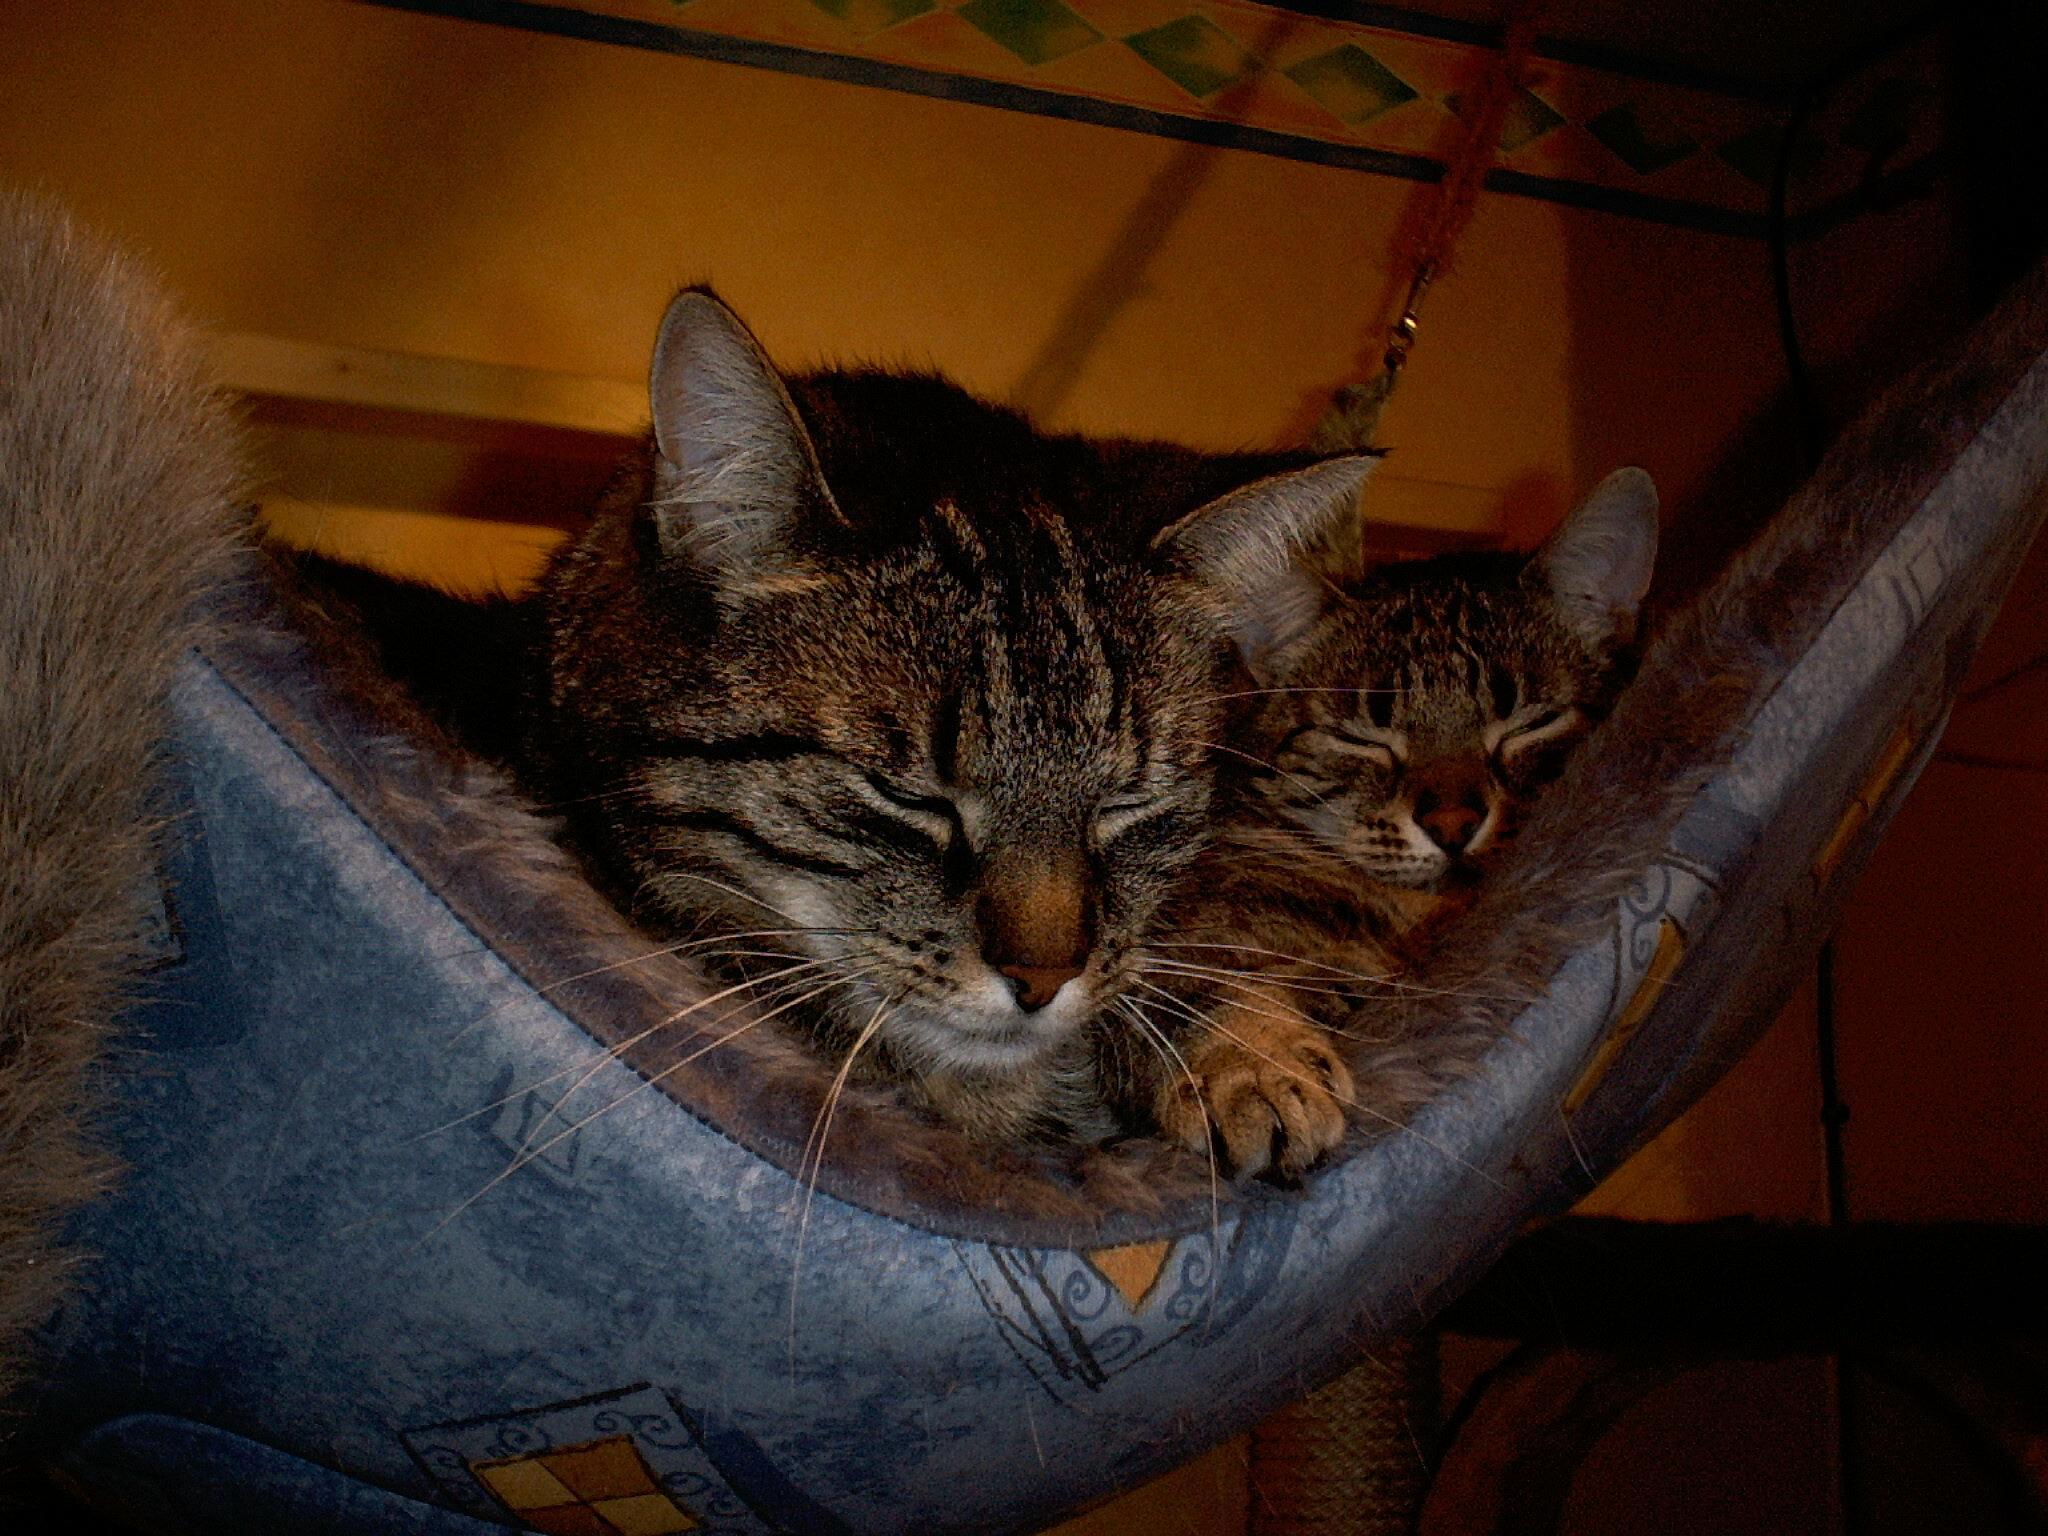 Carlo und Tina in ihrer Hängematte unter der Decke